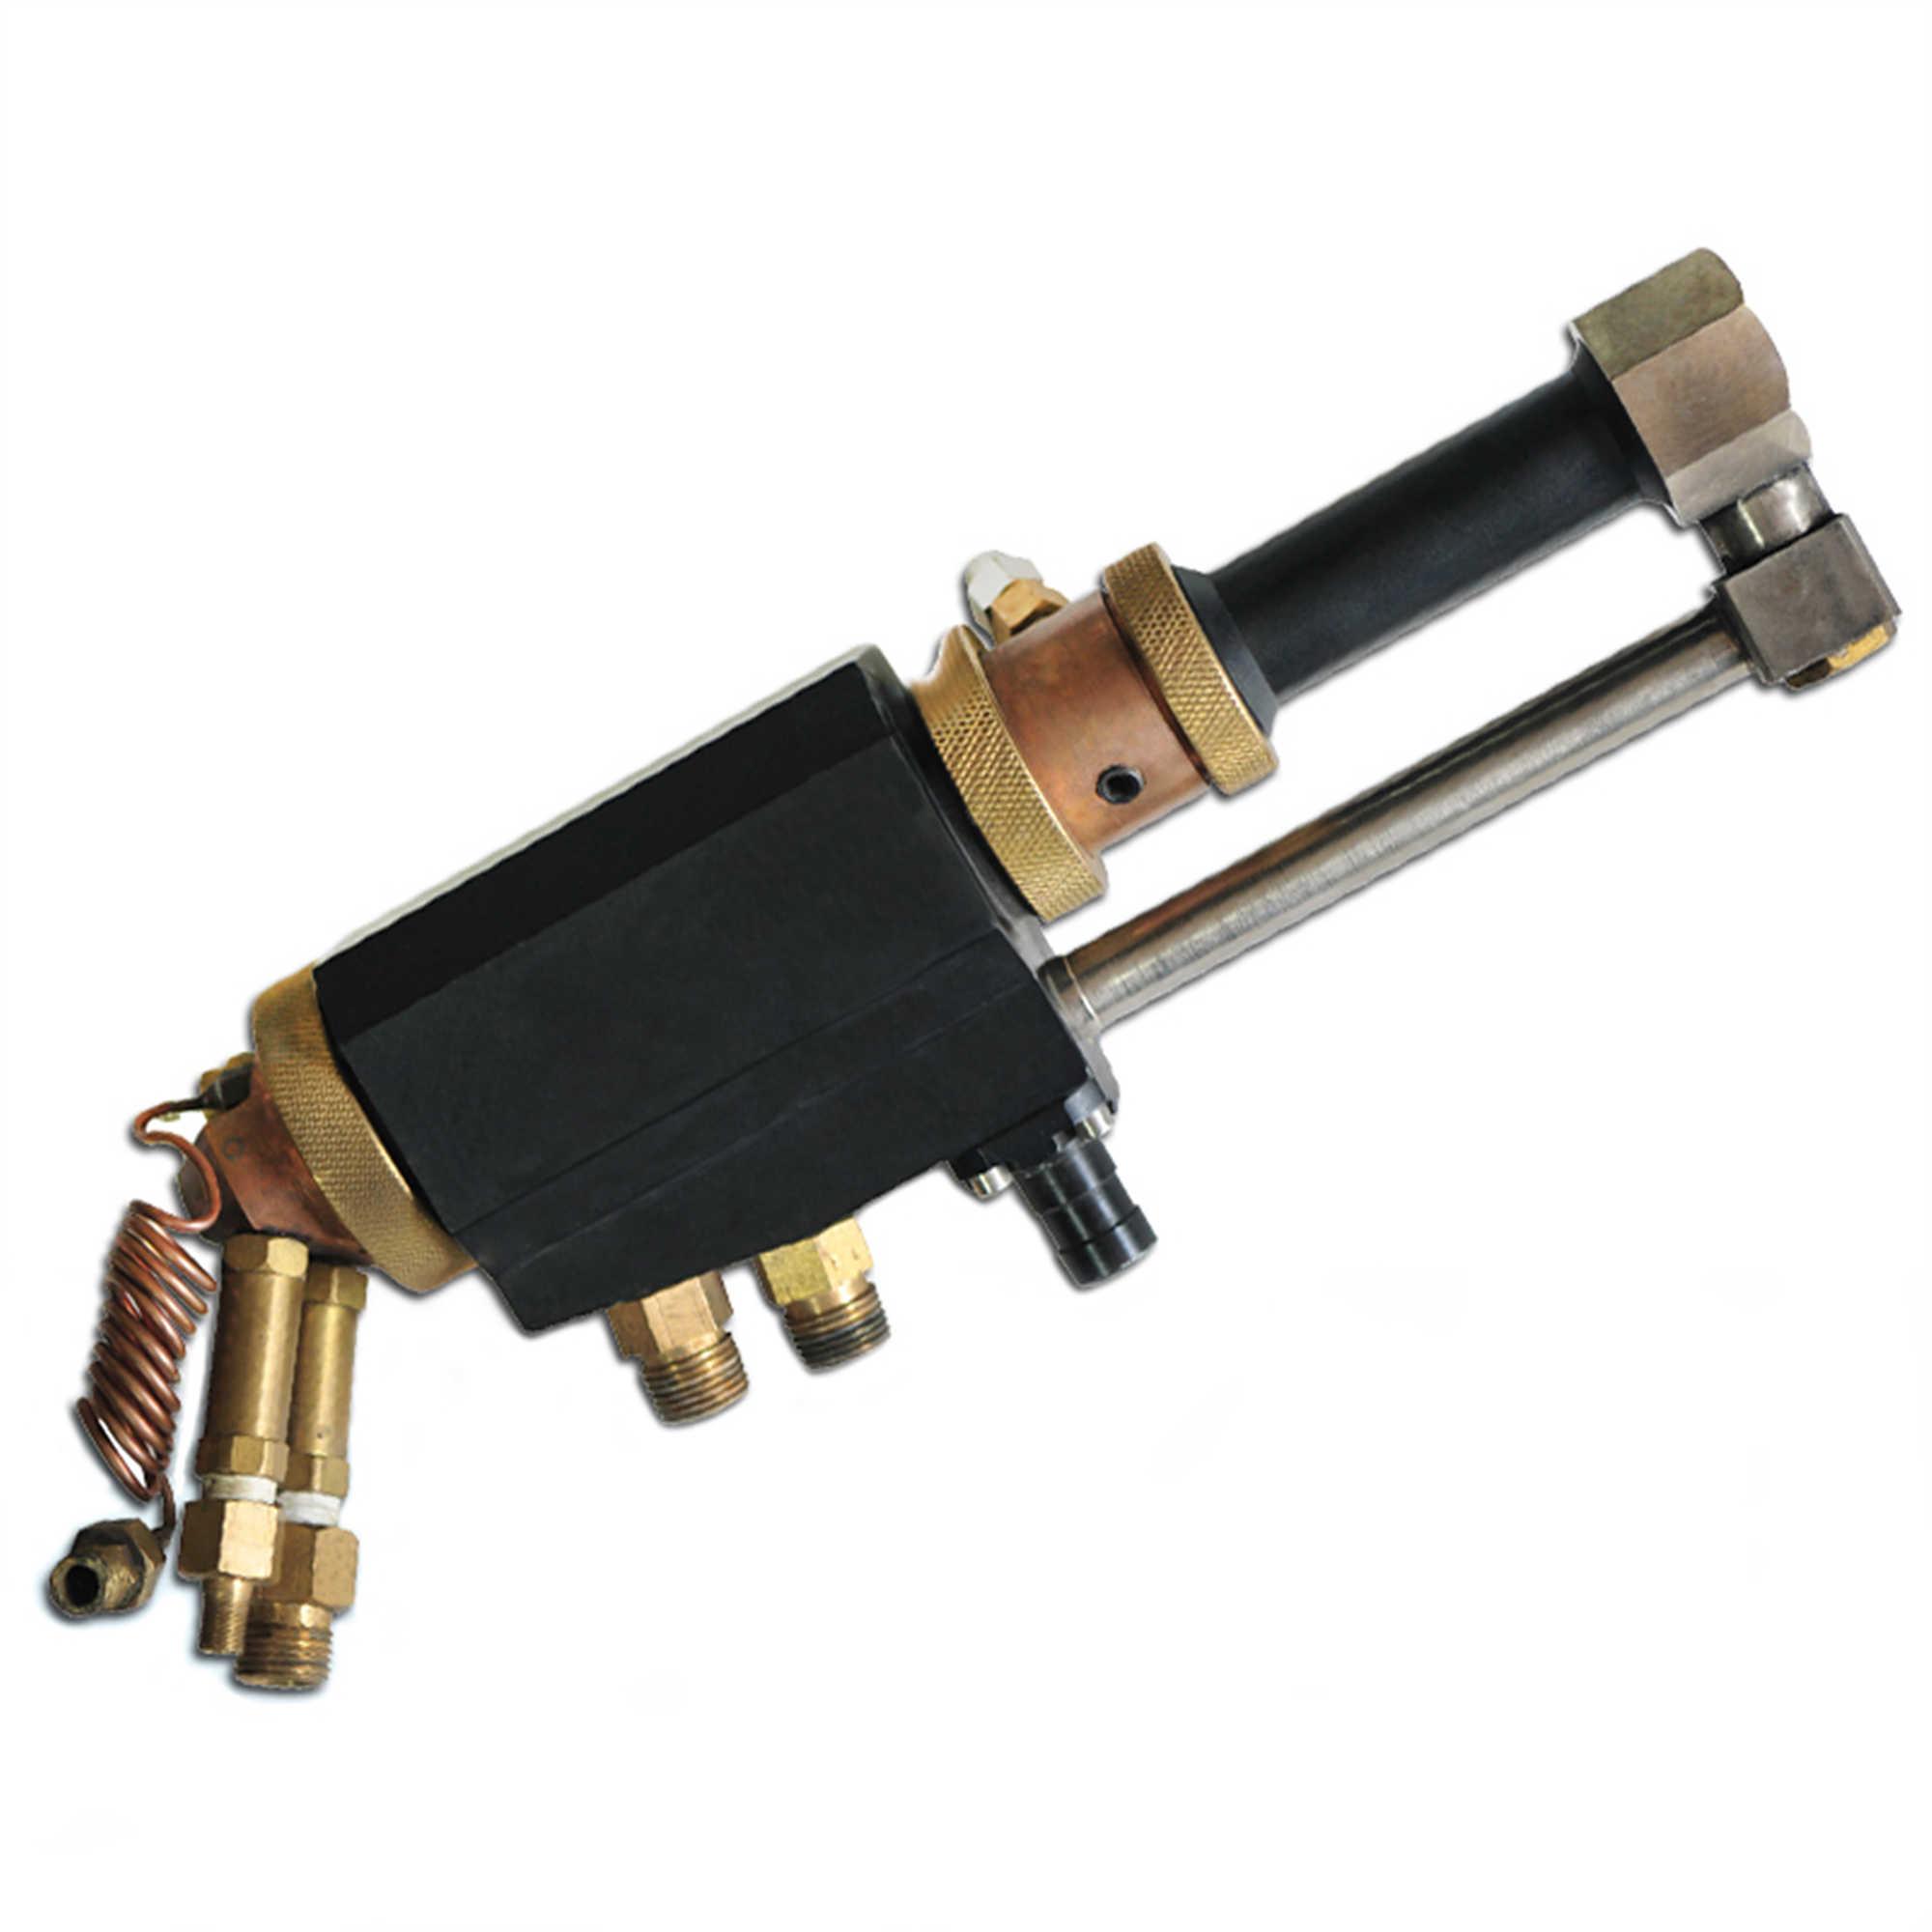 全自動化火焰噴涂設備-具有口碑的超音速火焰噴涂設備推薦